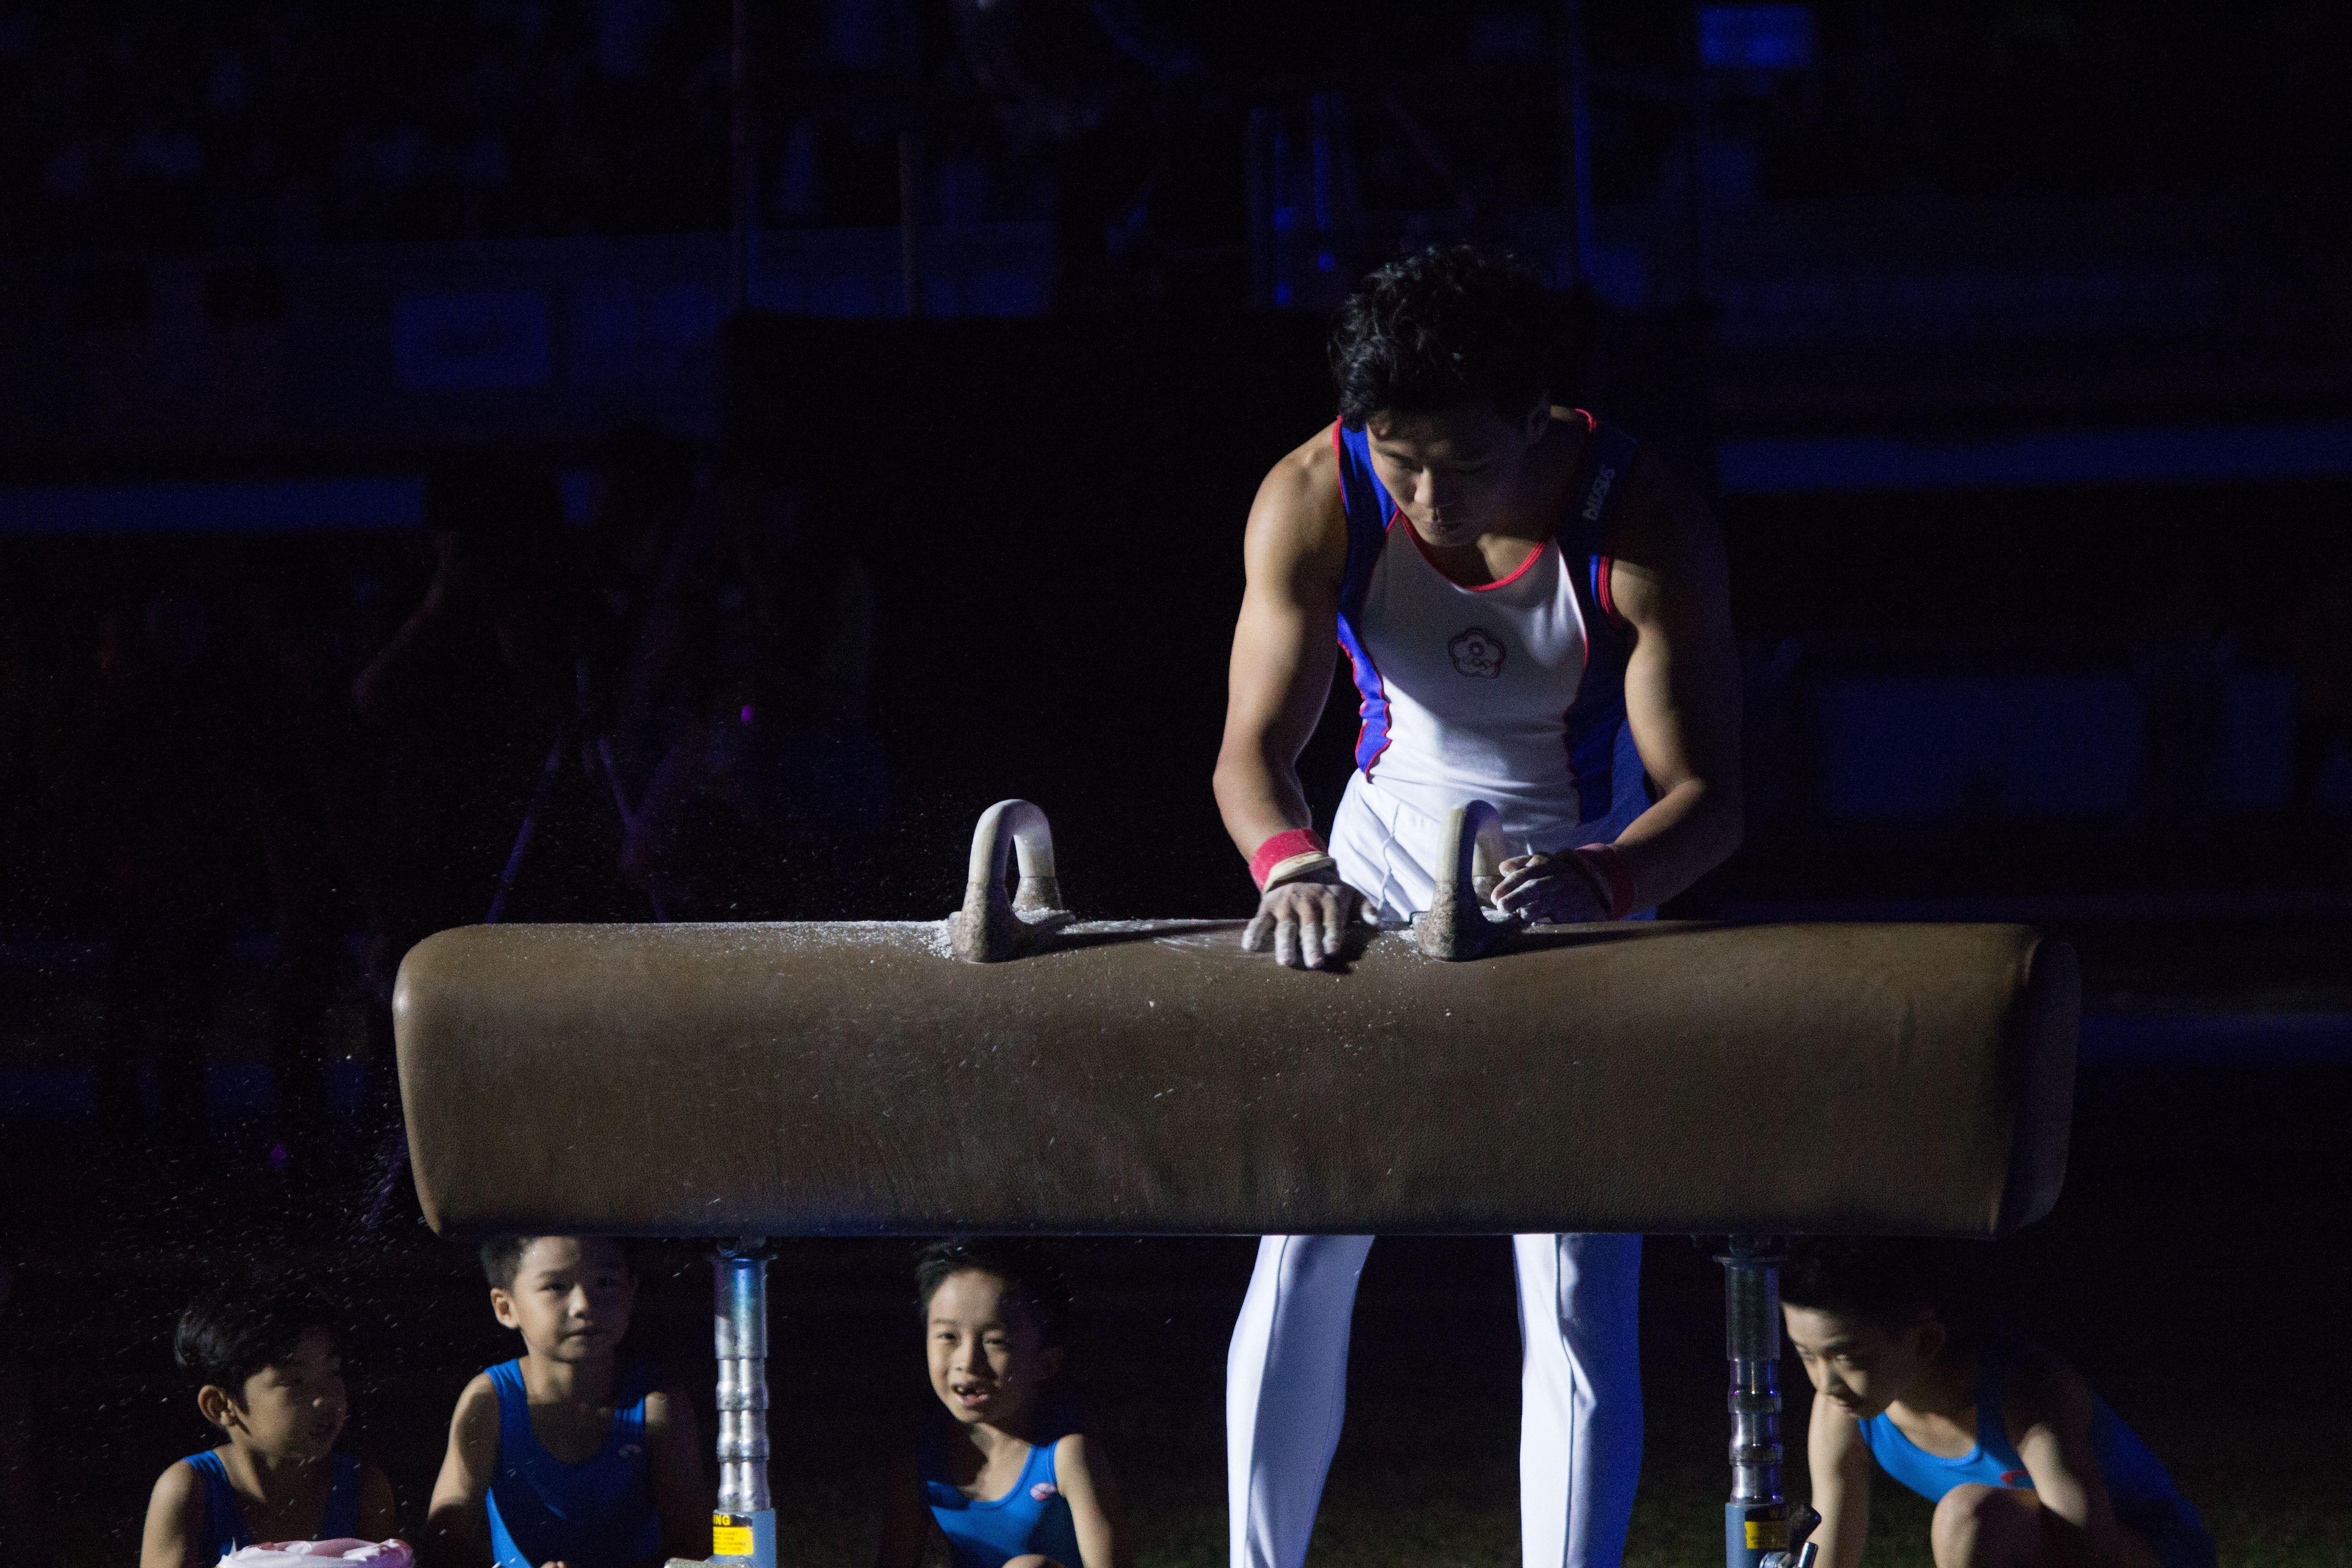 ▲106年全國運動會開幕典禮,體操國手唐嘉鴻。(圖/記者蔡宜瑾攝影)